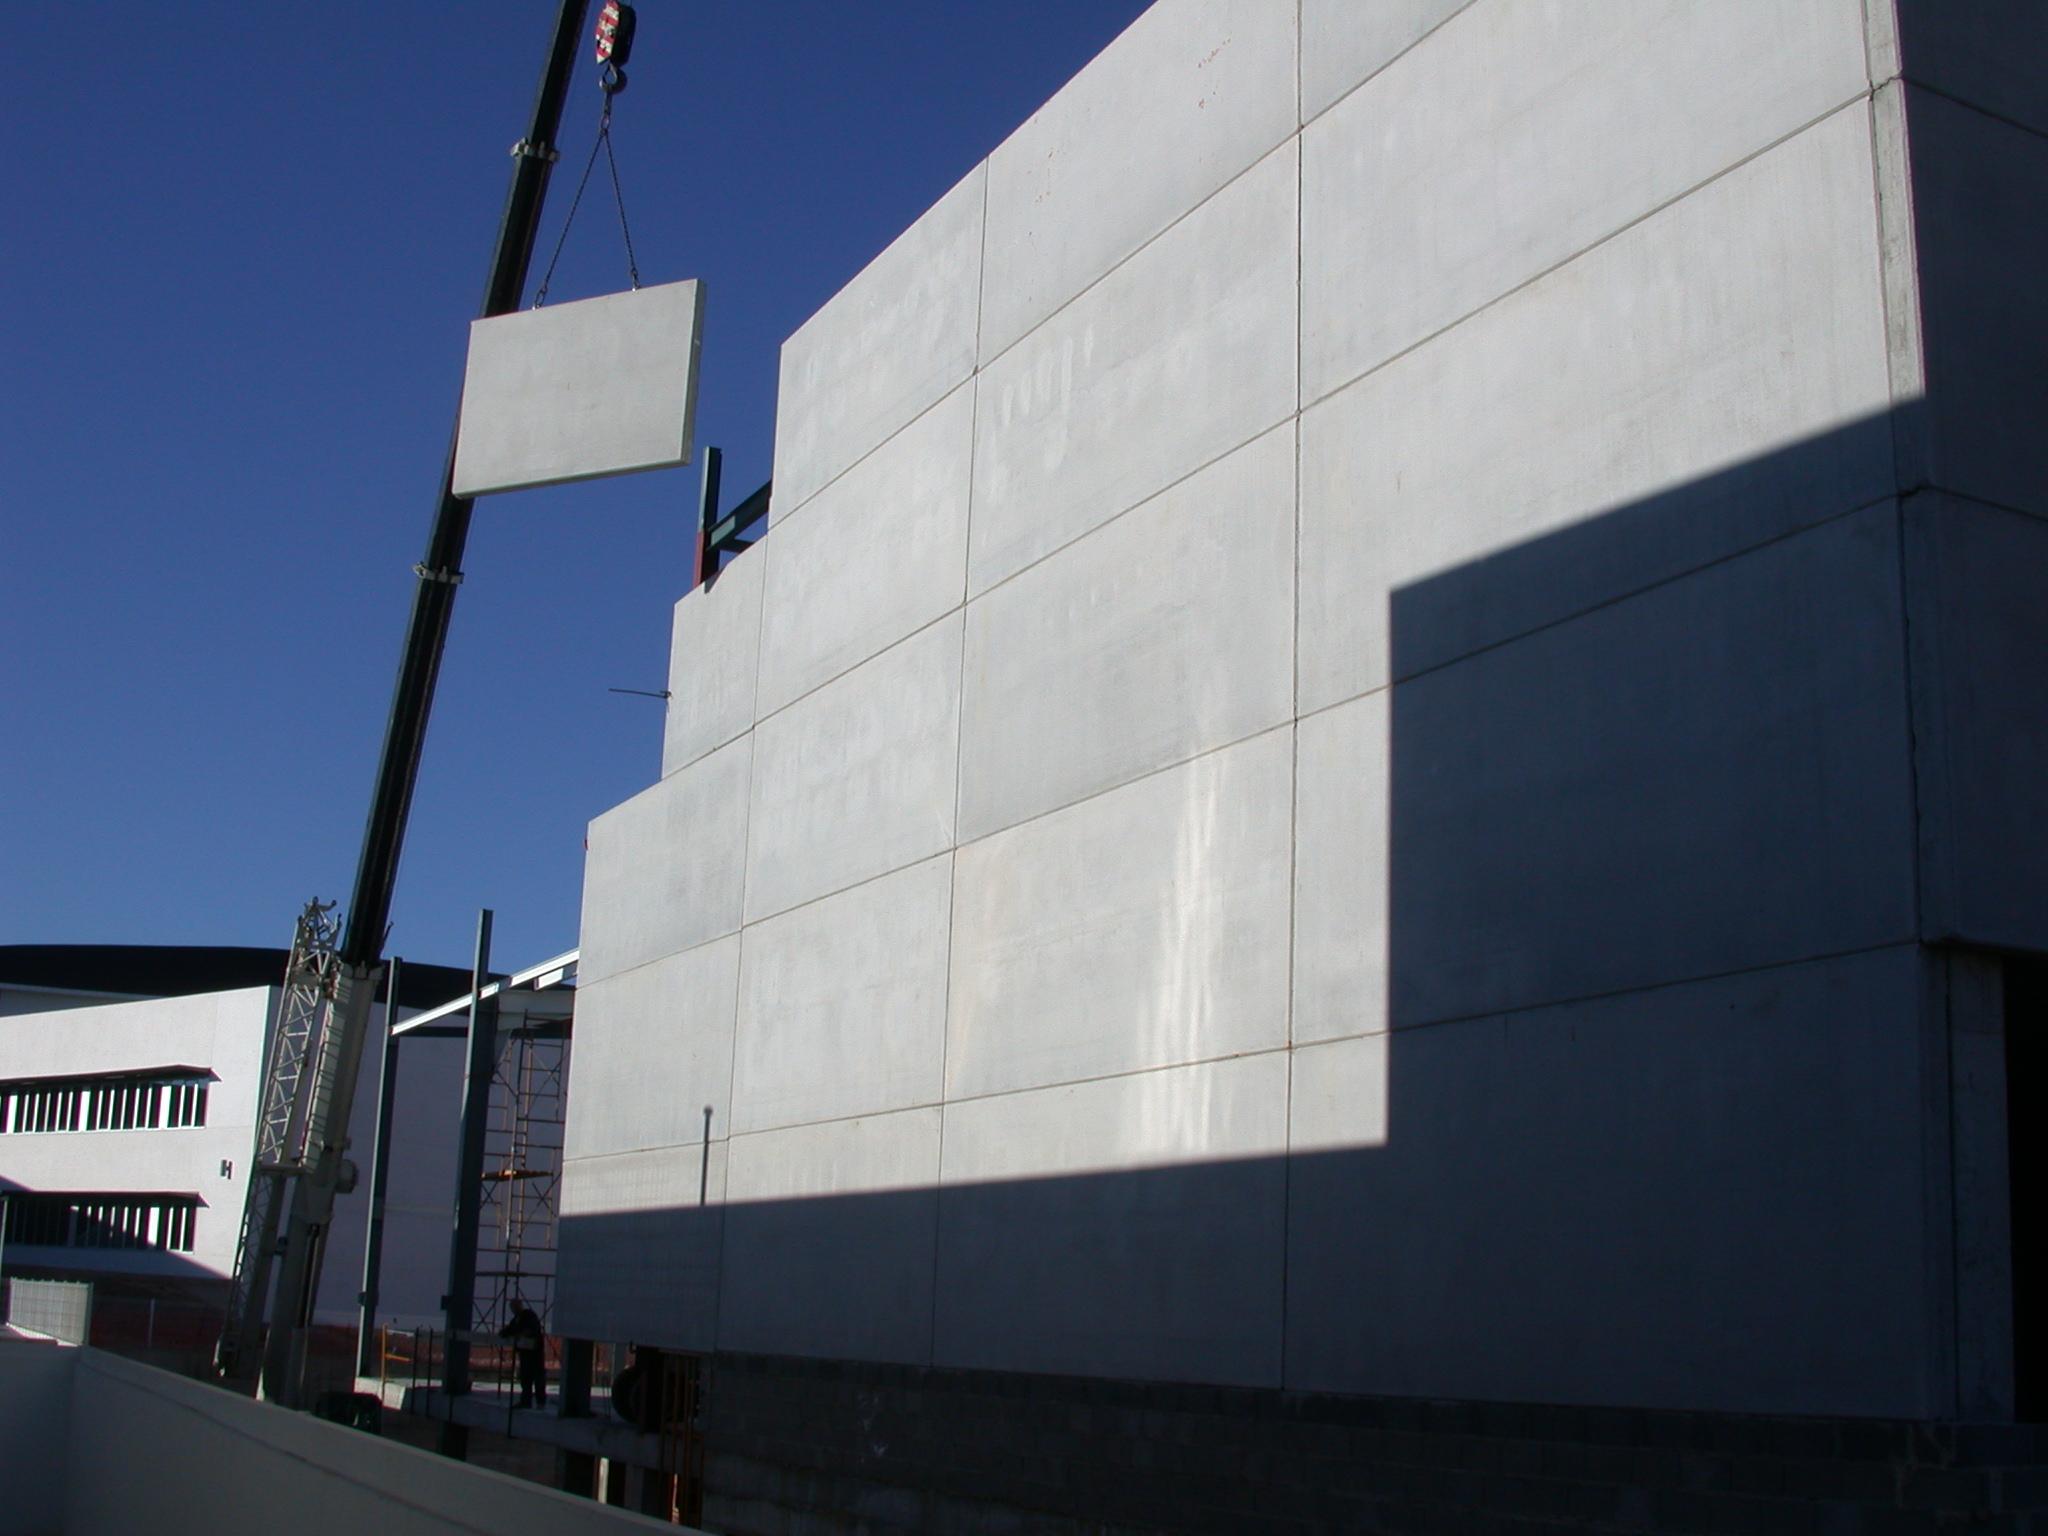 2007-02-12-17h58m03